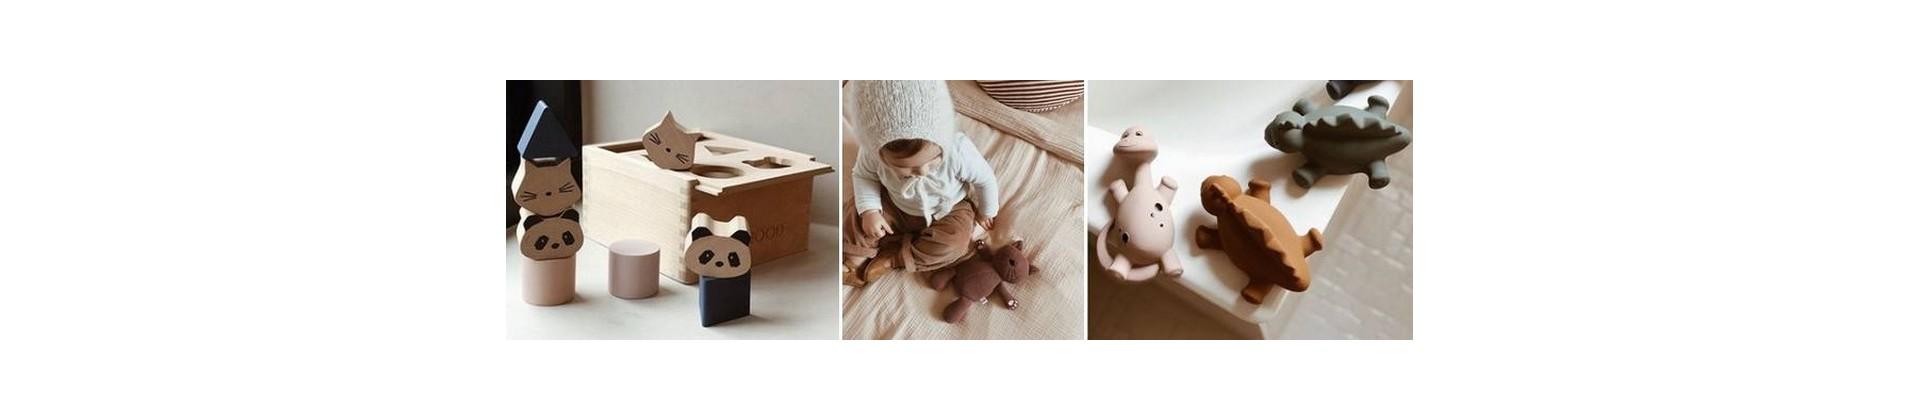 Jouets bébé - les meilleurs jeux et jouets d'éveil